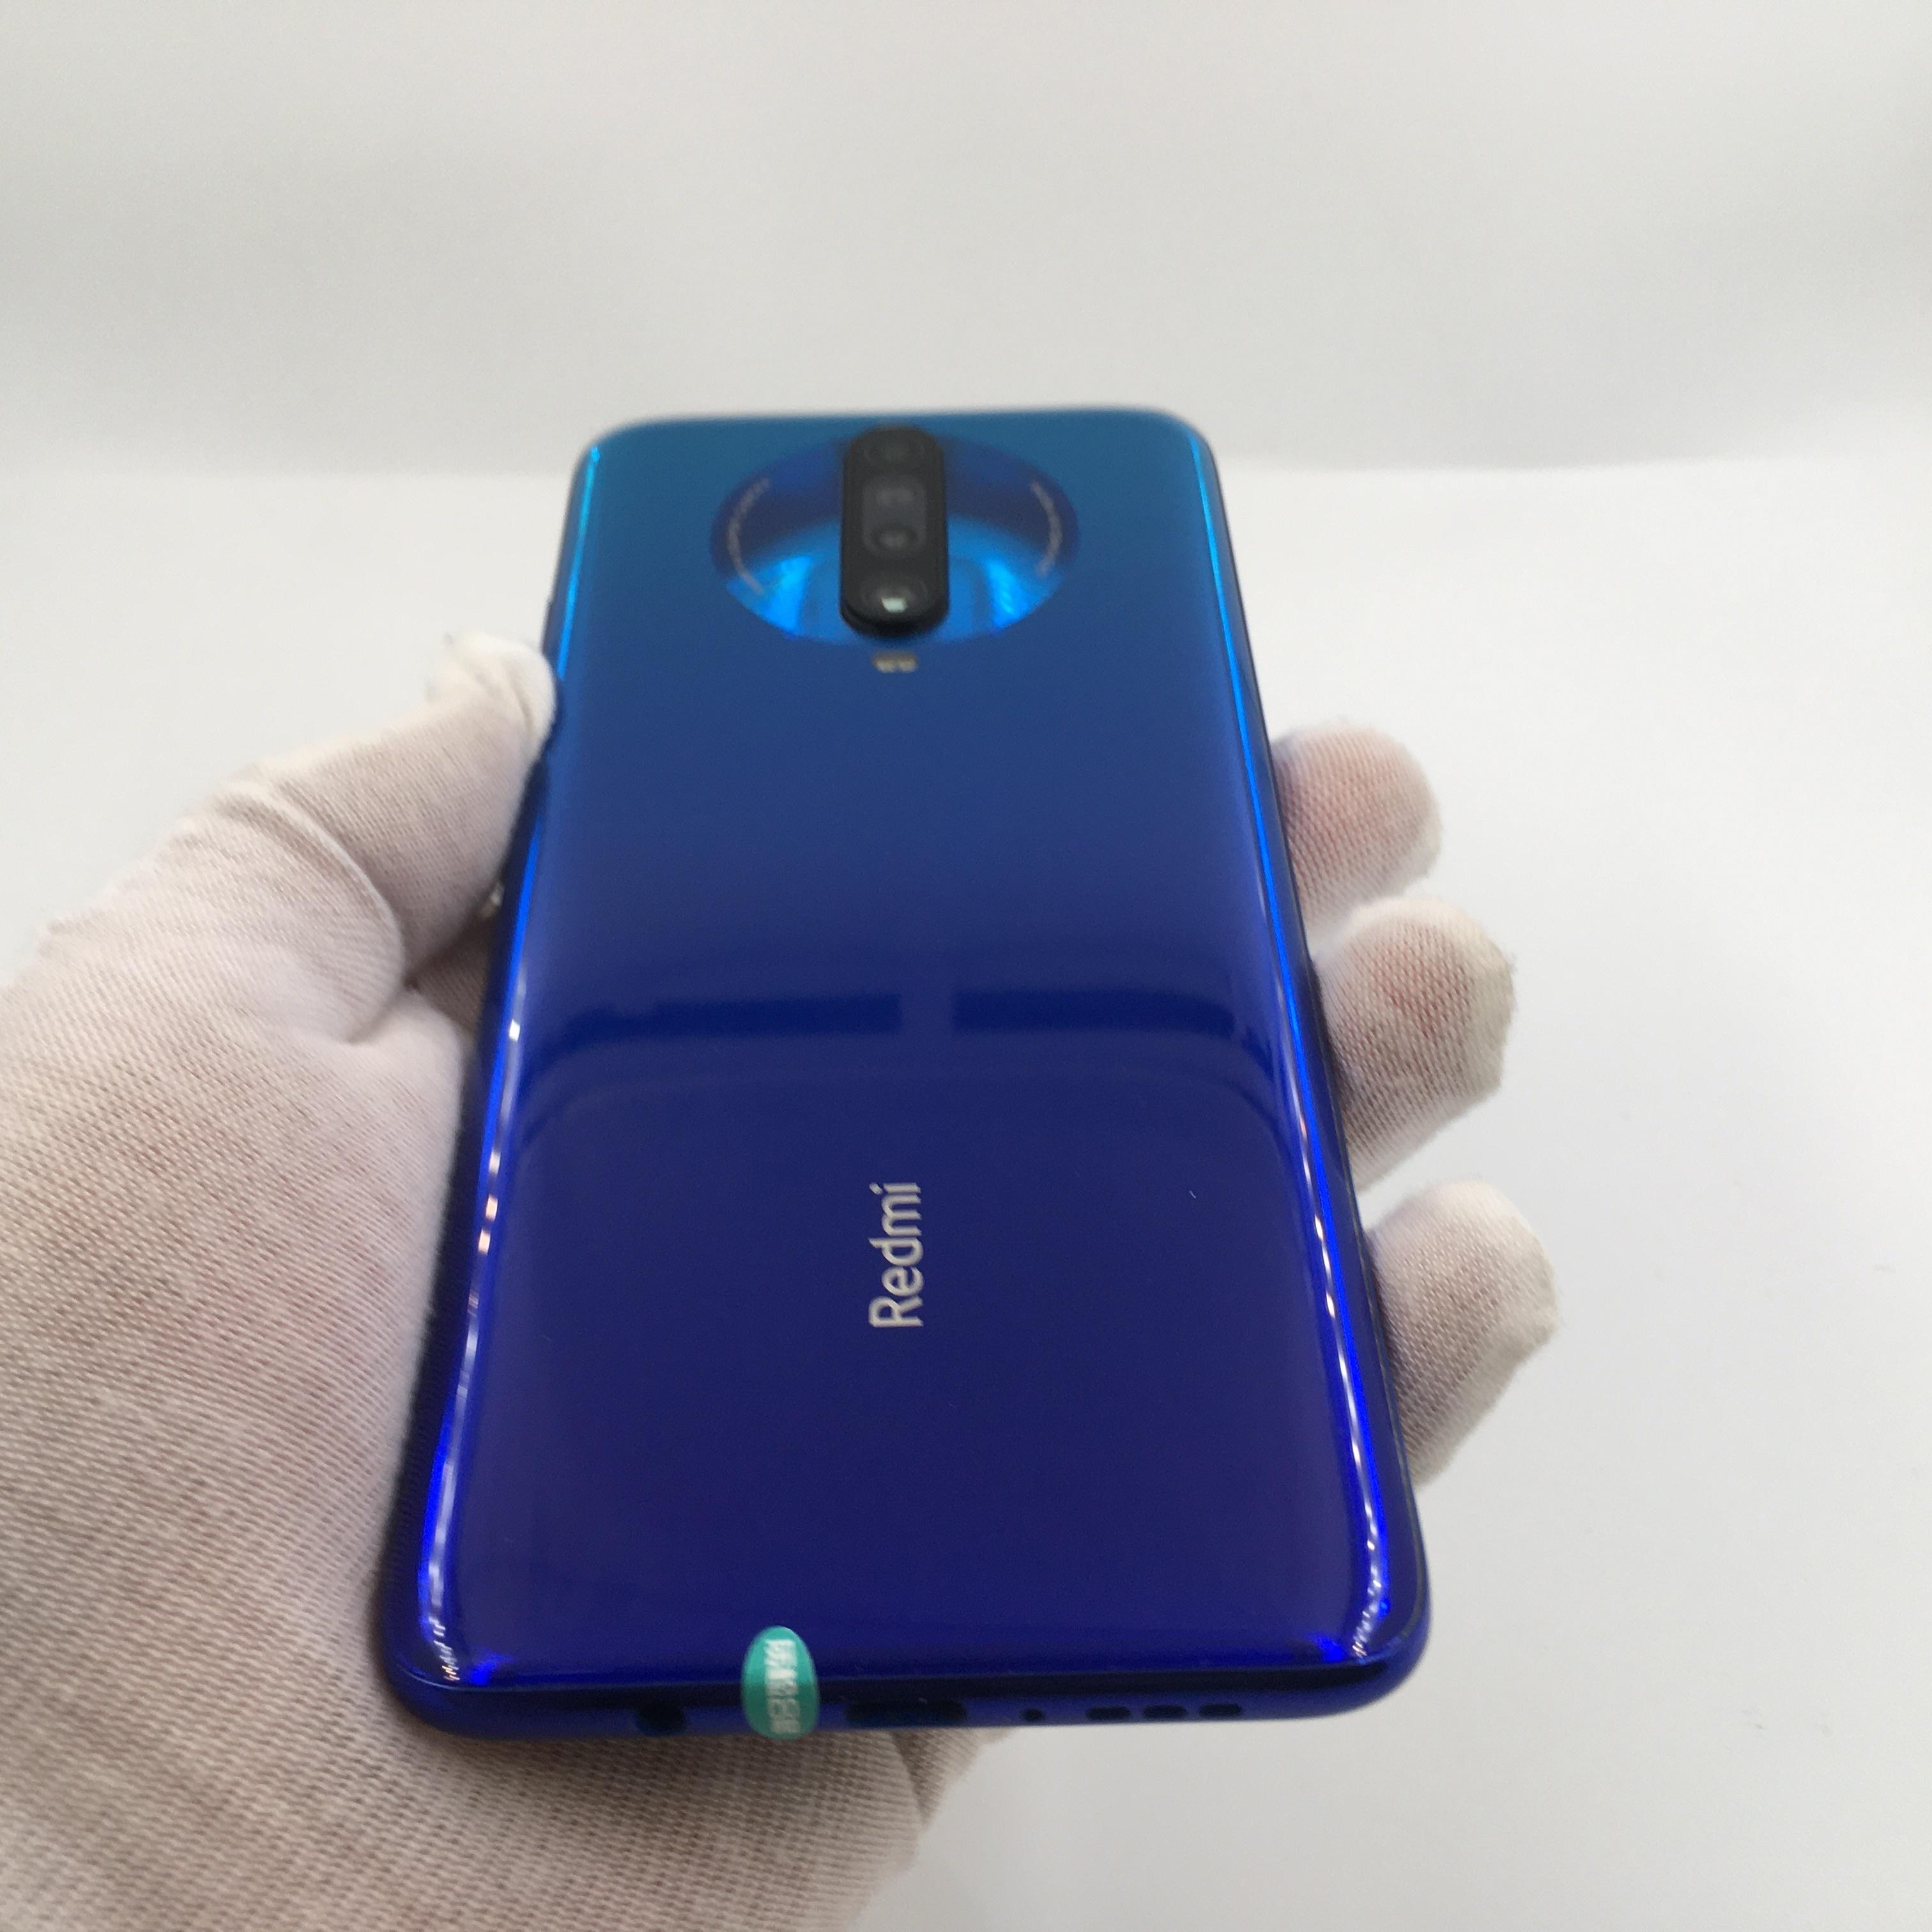 小米【Redmi K30 4G】4G全网通 深海微光 8G/128G 国行 9成新